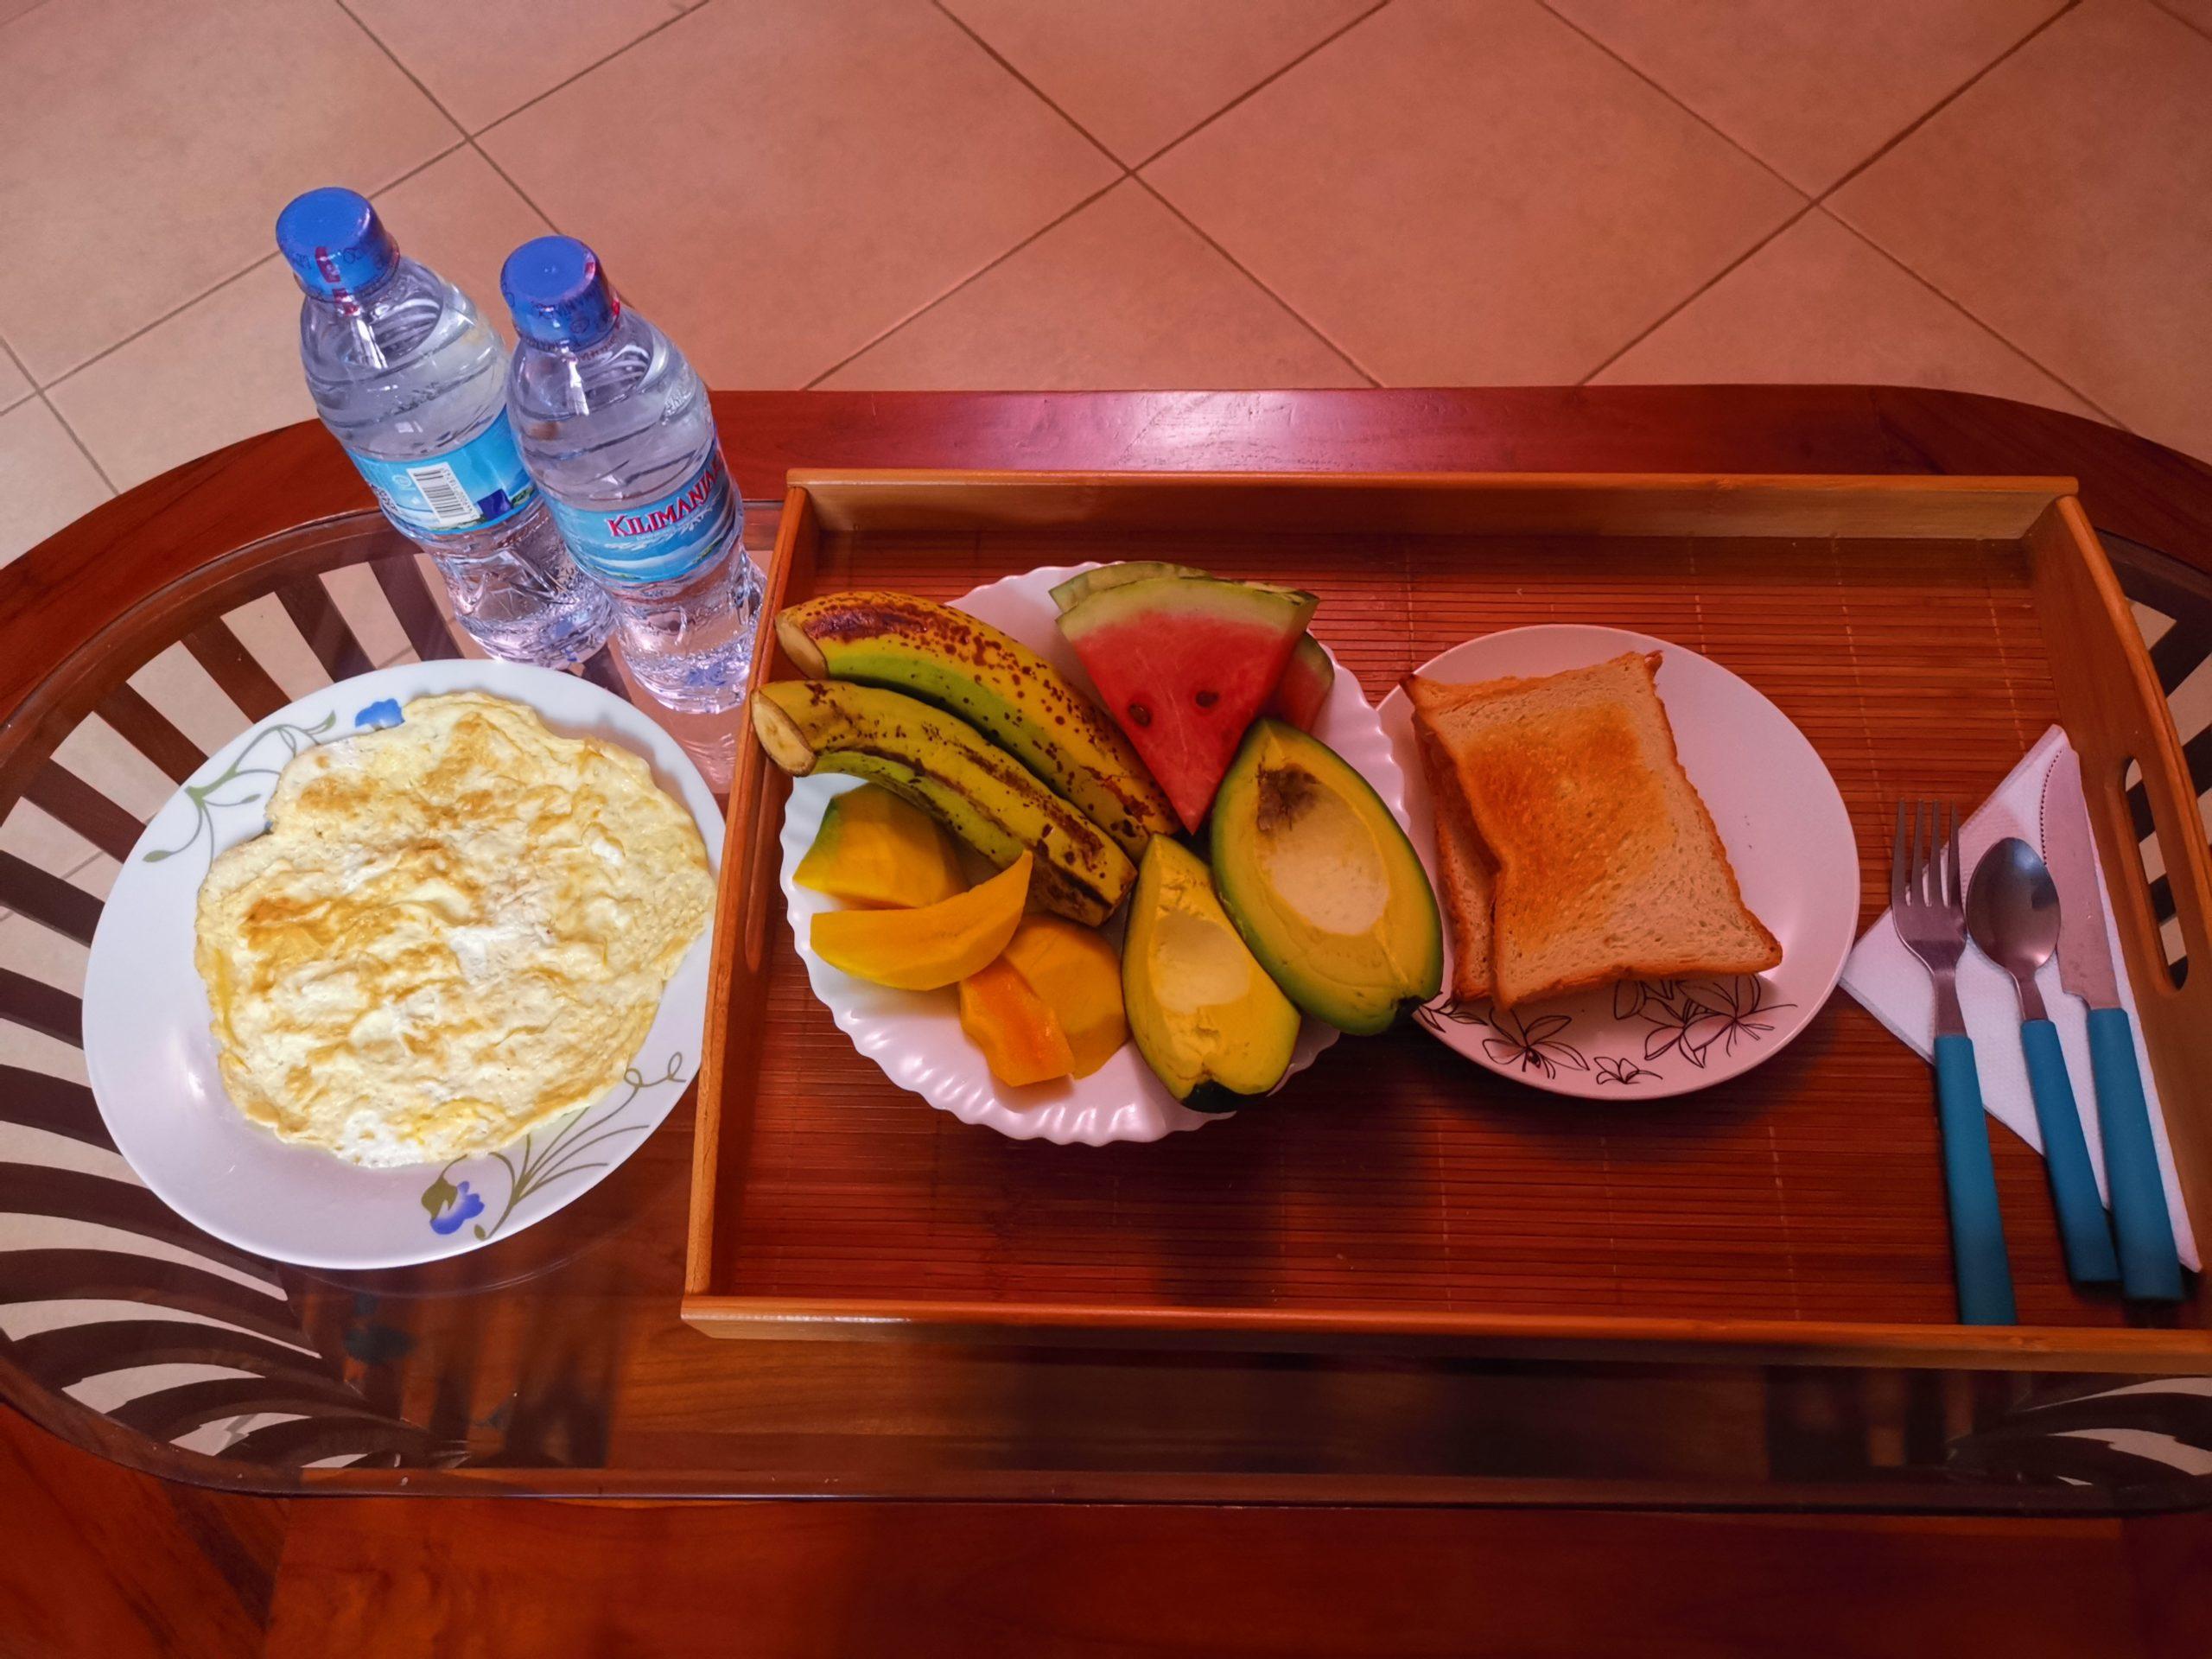 昨日と同じメニューの朝食